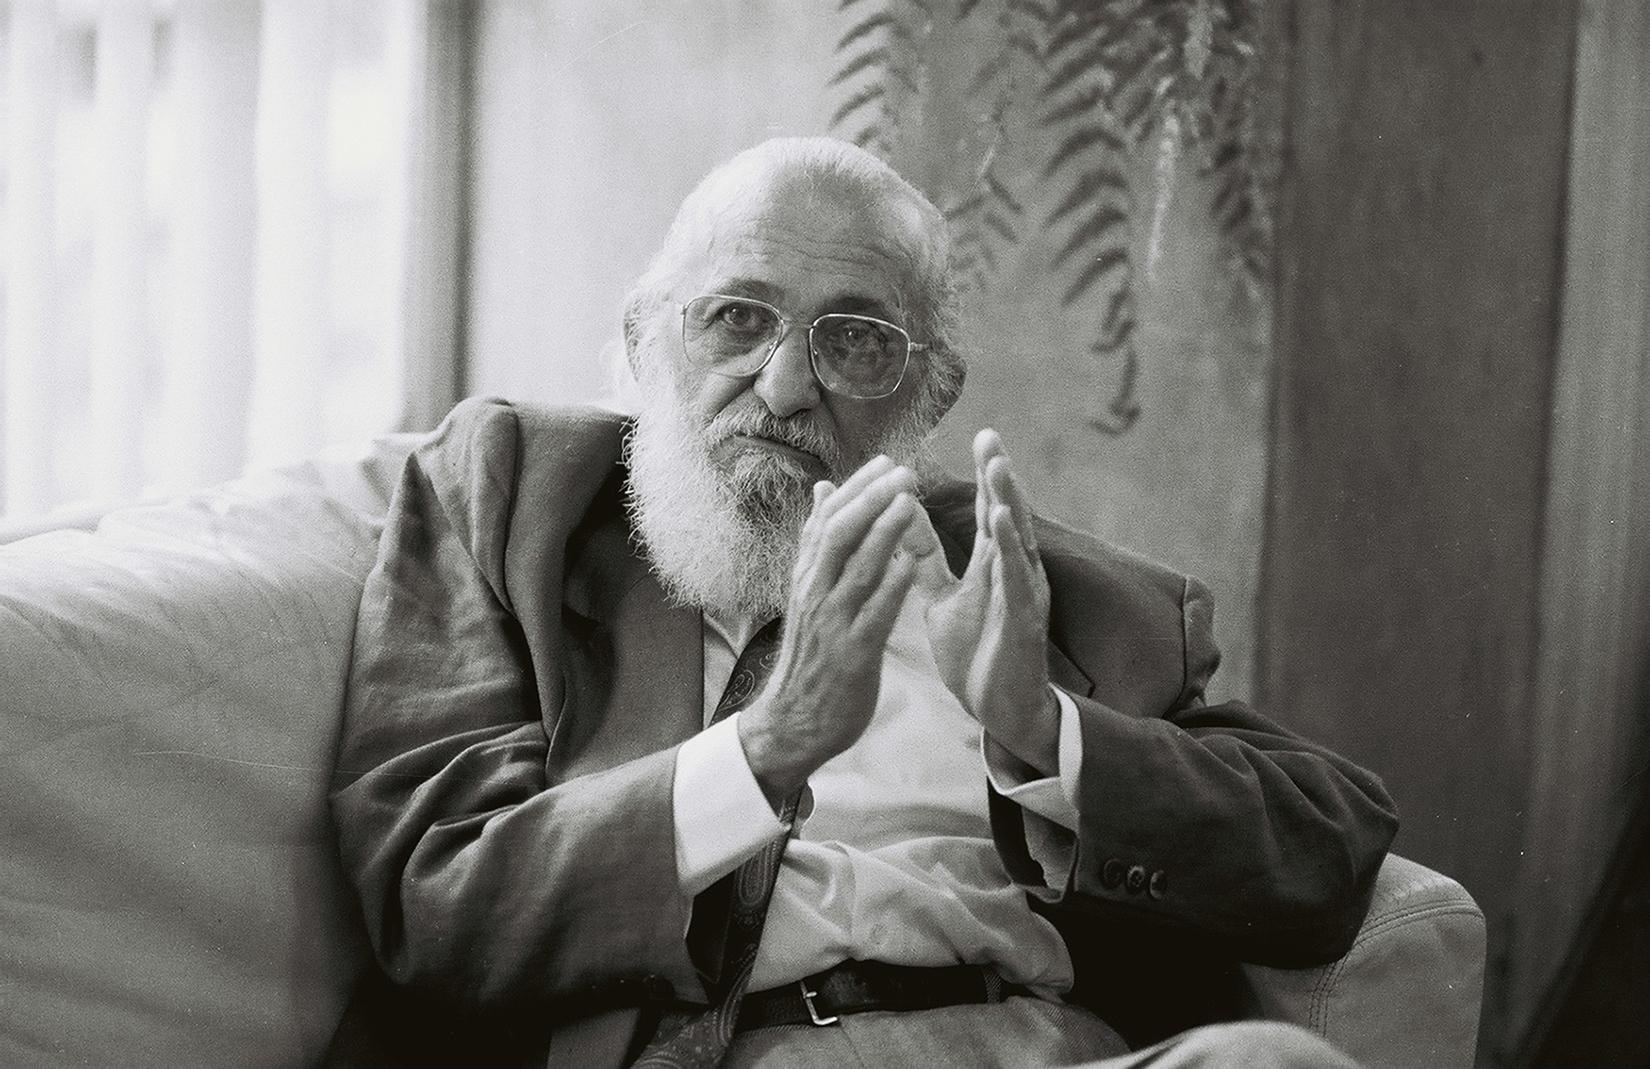 Paulo Freire é entrevistado em seu gabinete na Secretaria Municipal de Educação pelo sociólogo francês Yvon Minvielle, para veiculação em TV francesa.1990.